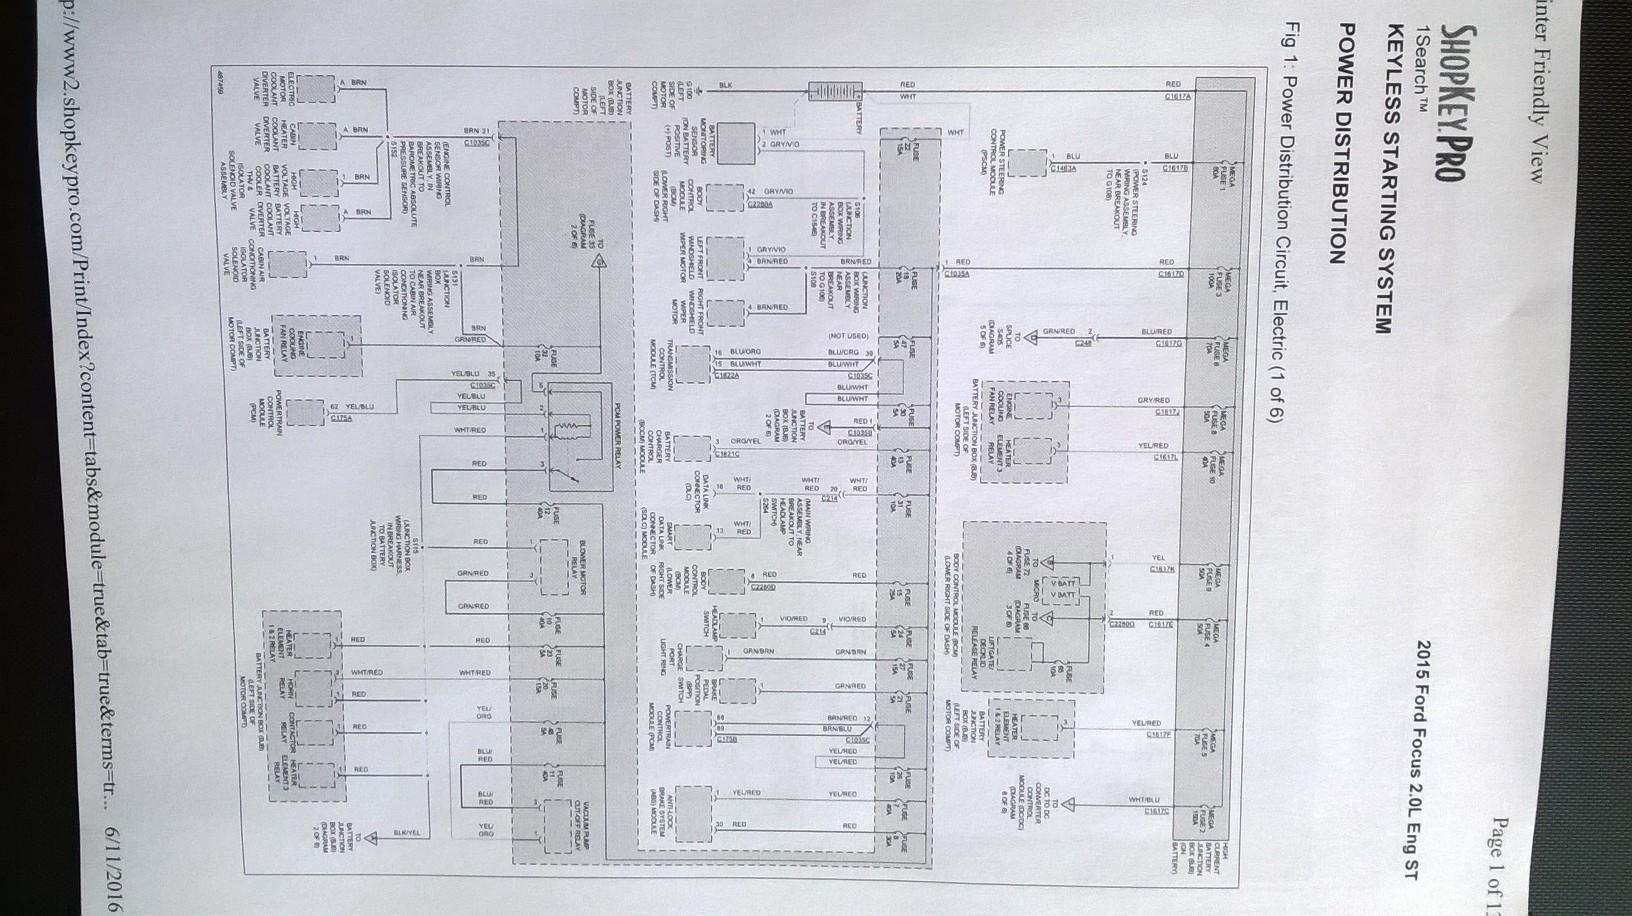 2015 Focus st3 wiring diagram | Ford Focus ST Forum | 2015 Ford Focus Wiring Diagram |  | Ford Focus ST Forum